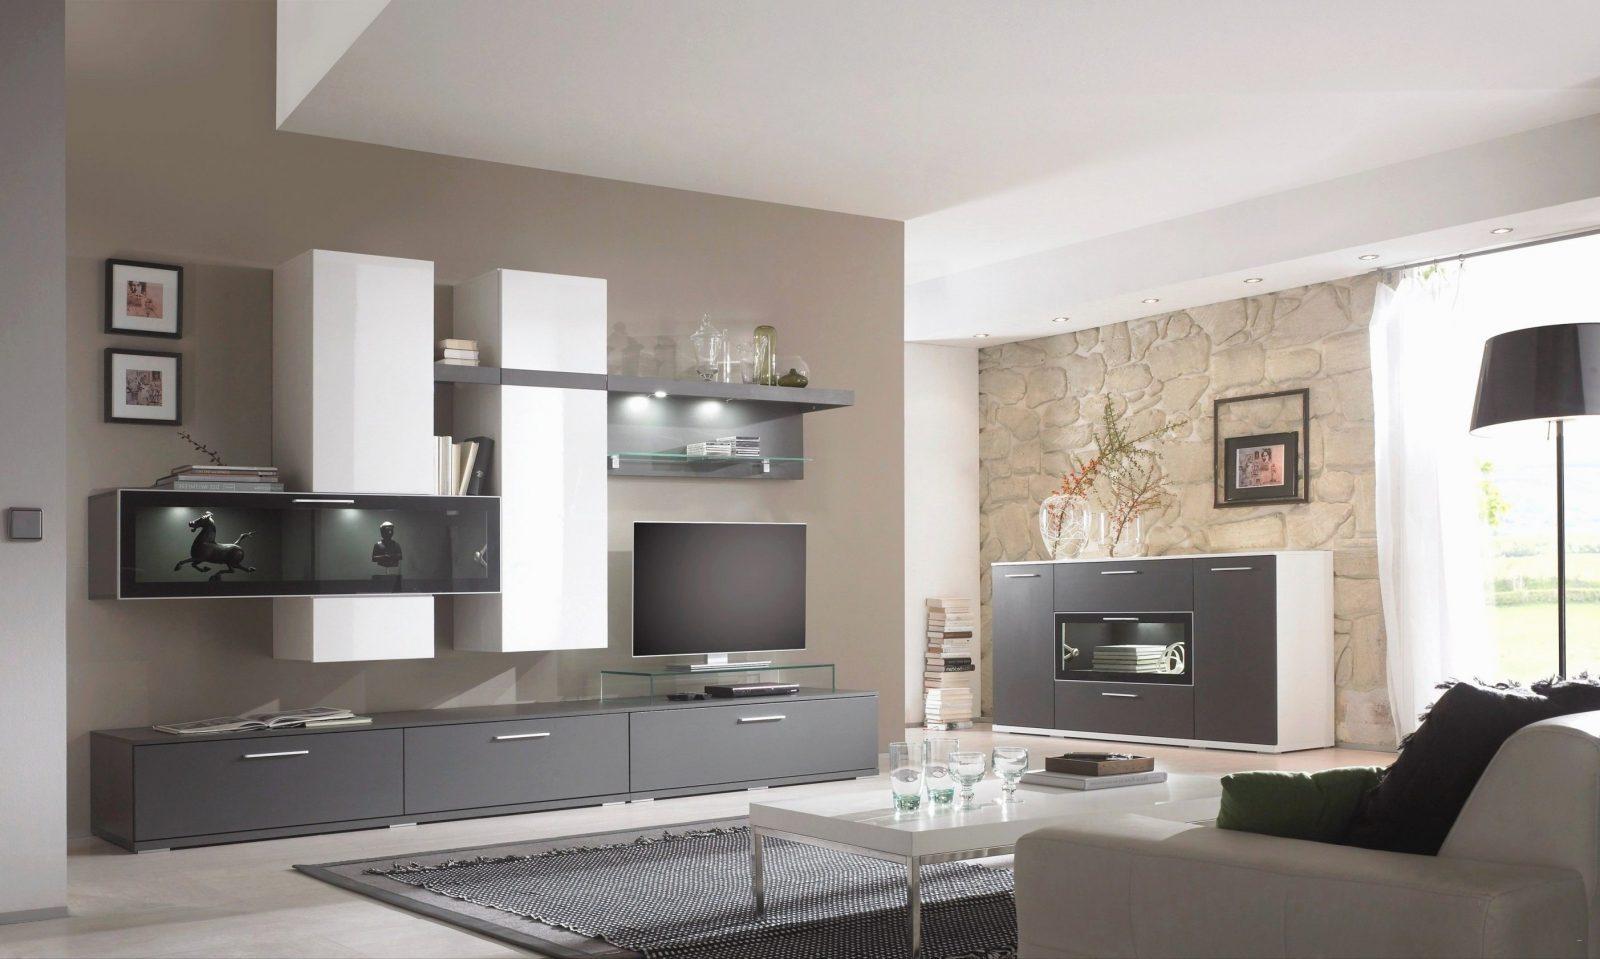 Wohnzimmer Farblich Gestalten Planen Der Diesjährige Trend von Wohnzimmer Wände Farblich Gestalten Bild